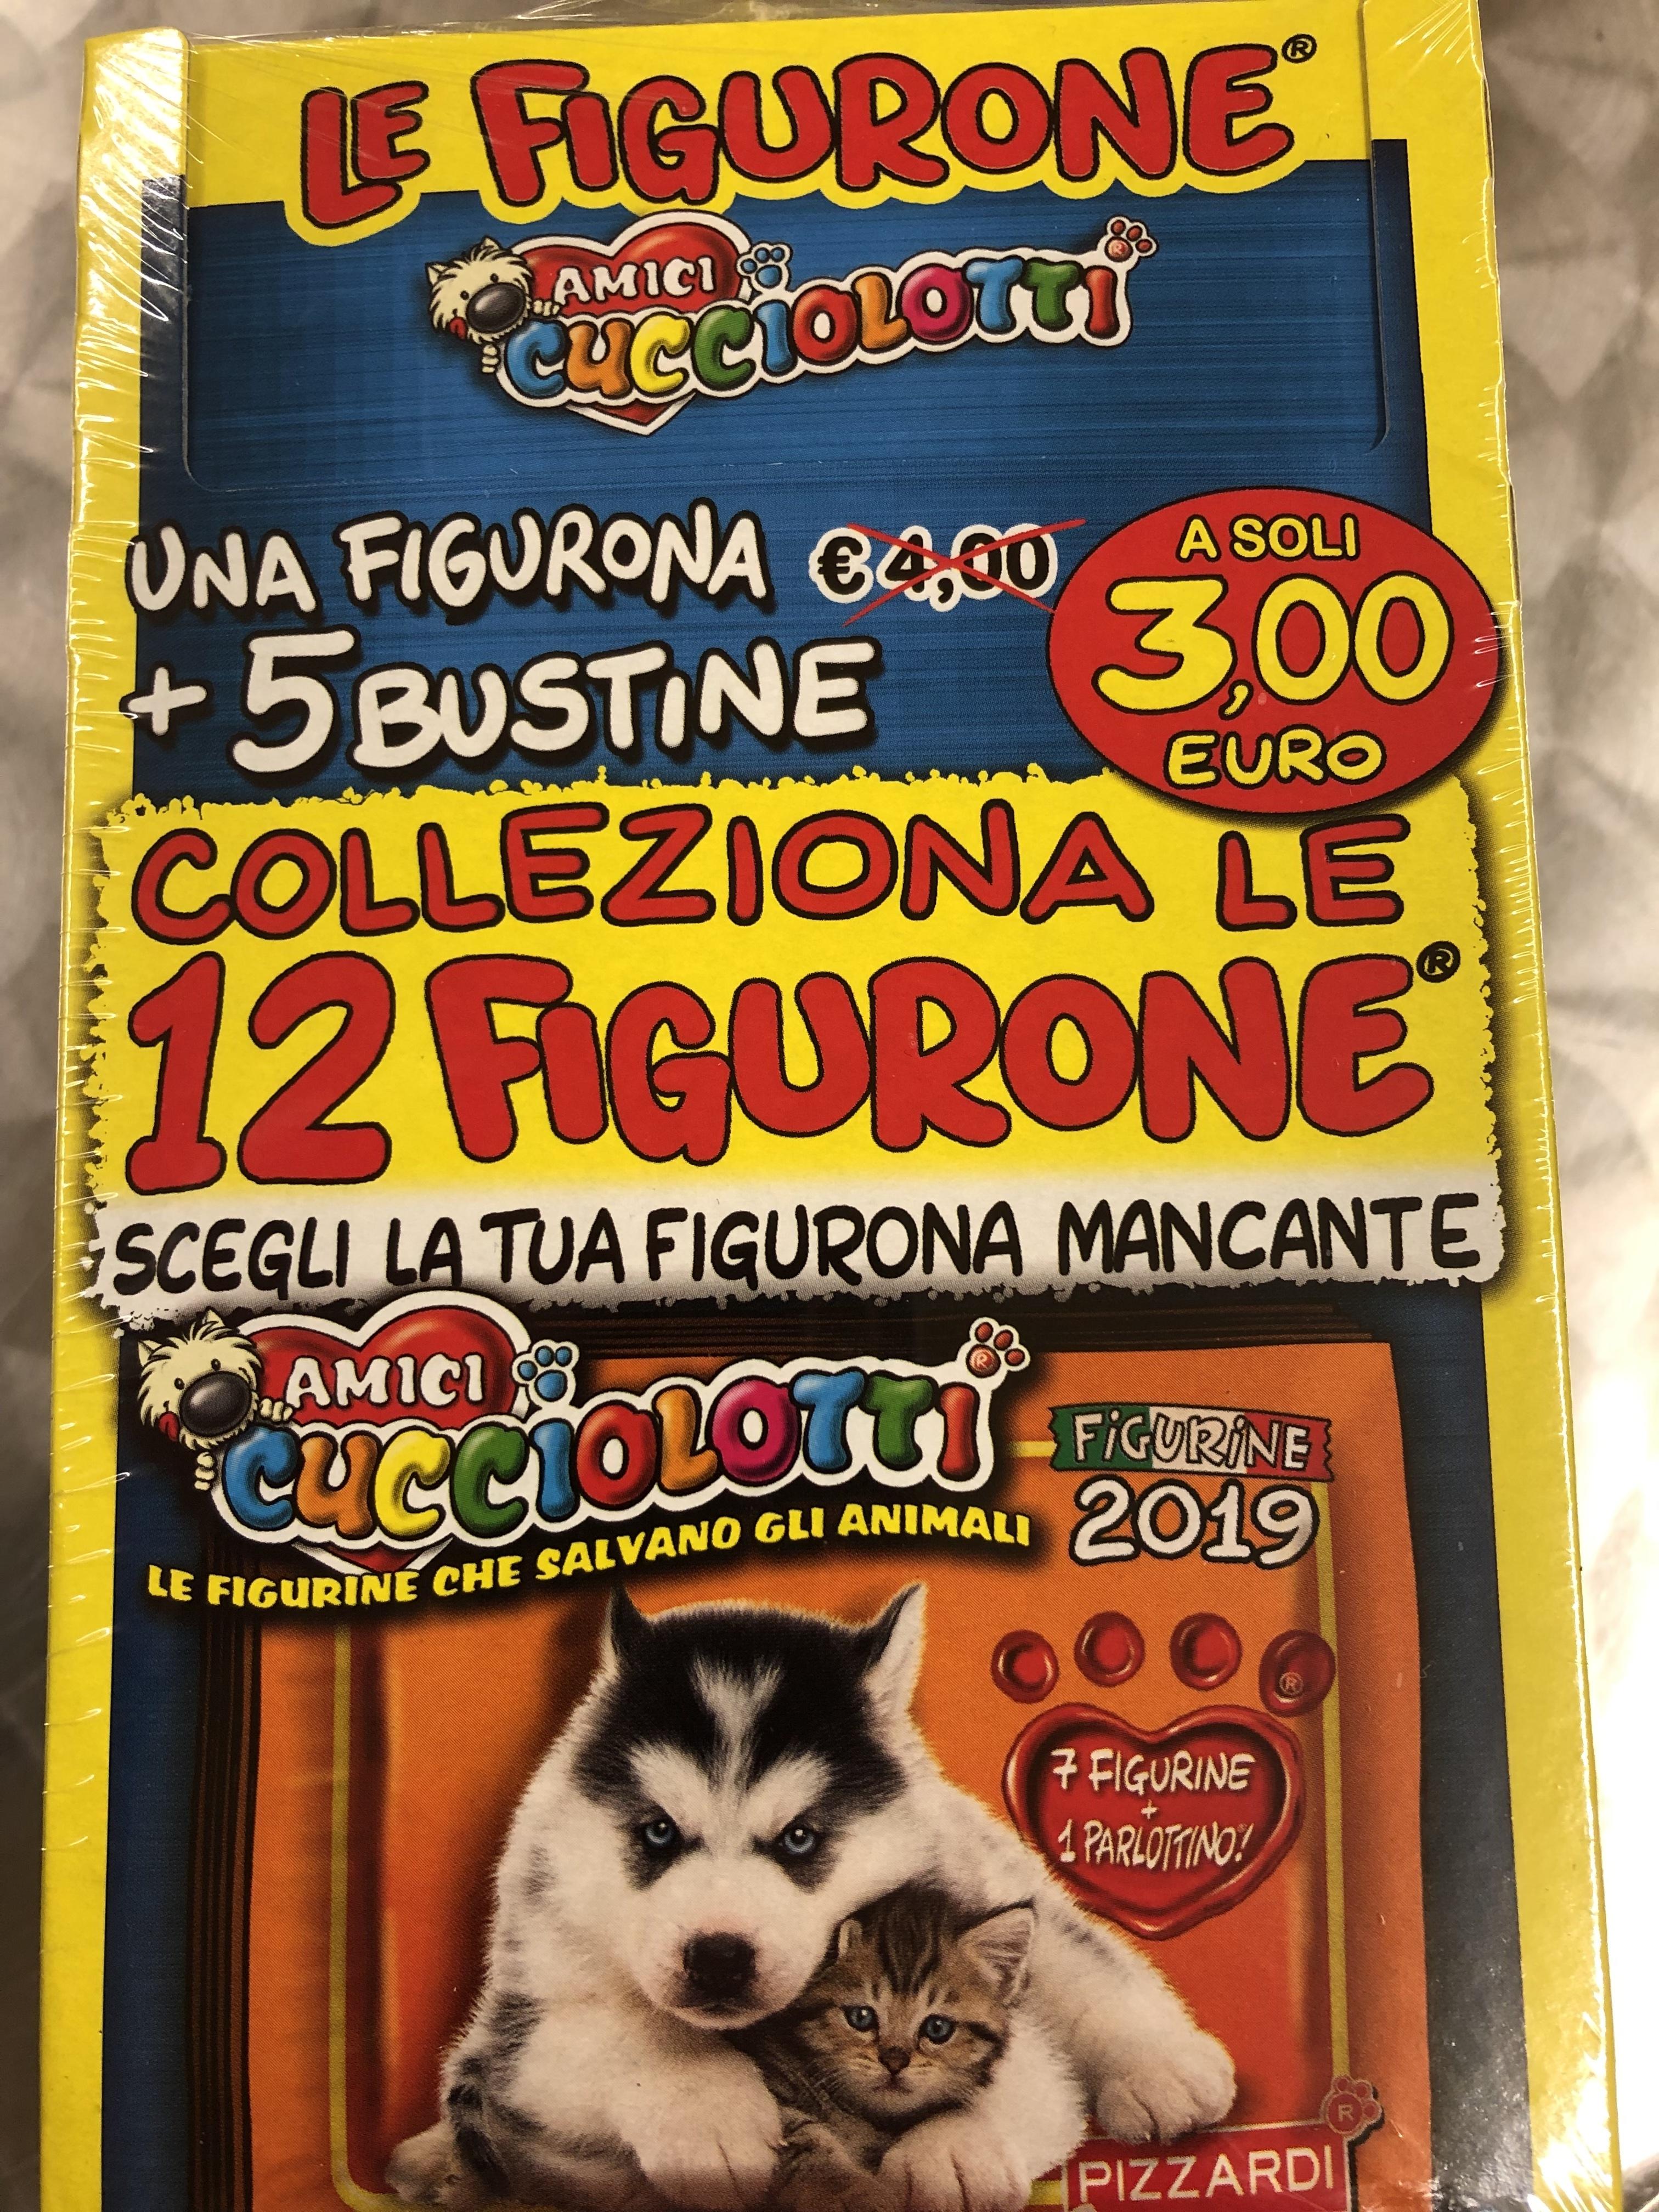 Cucciolotti 2019 Pack